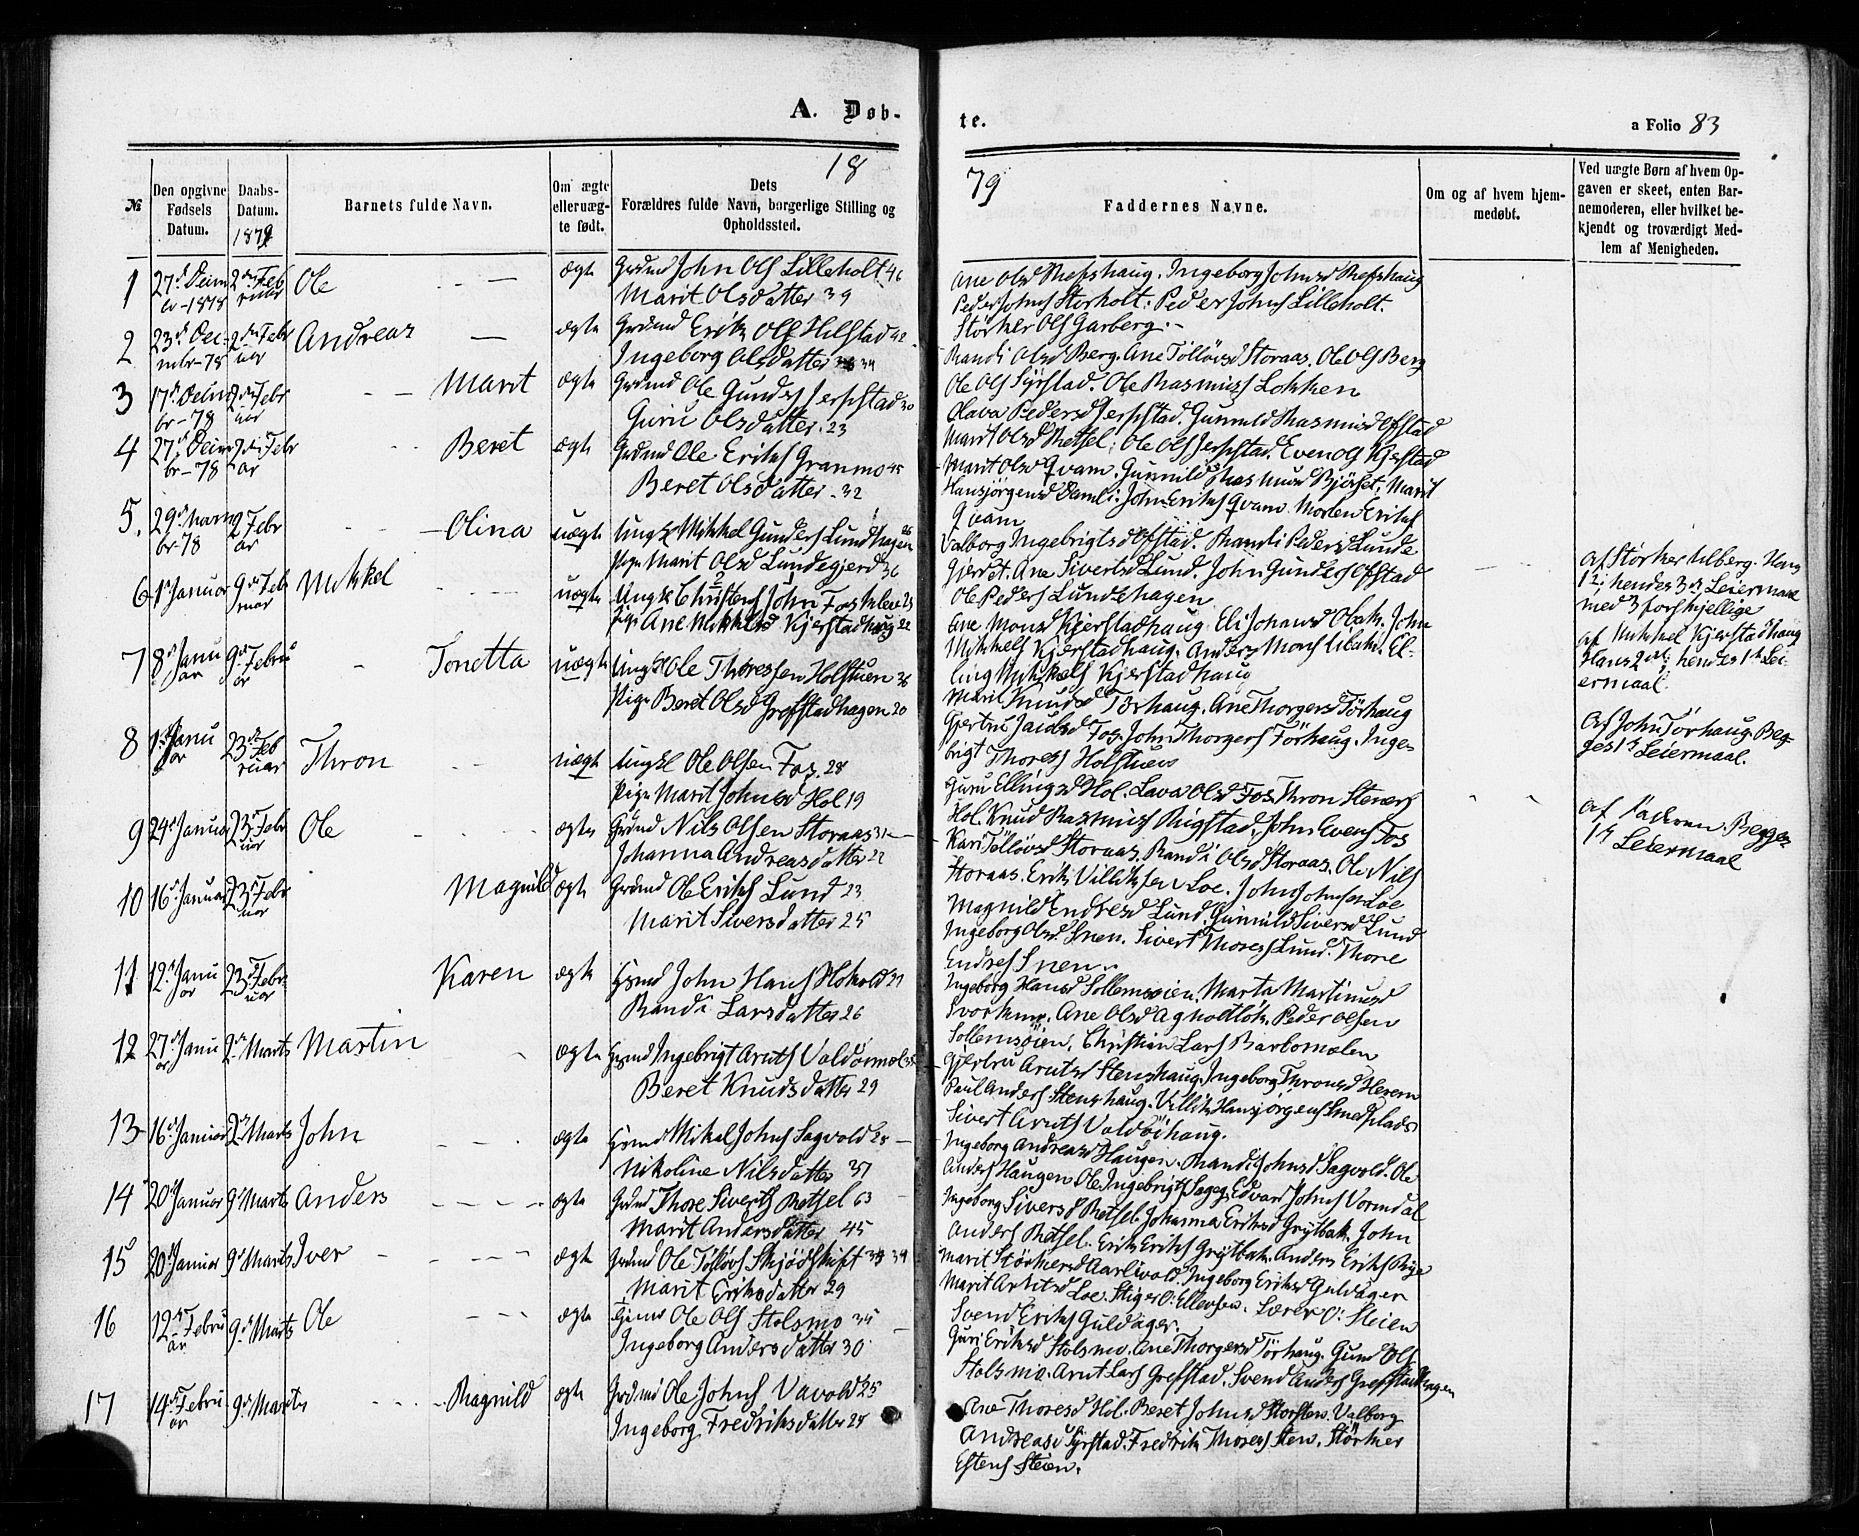 SAT, Ministerialprotokoller, klokkerbøker og fødselsregistre - Sør-Trøndelag, 672/L0856: Ministerialbok nr. 672A08, 1861-1881, s. 83